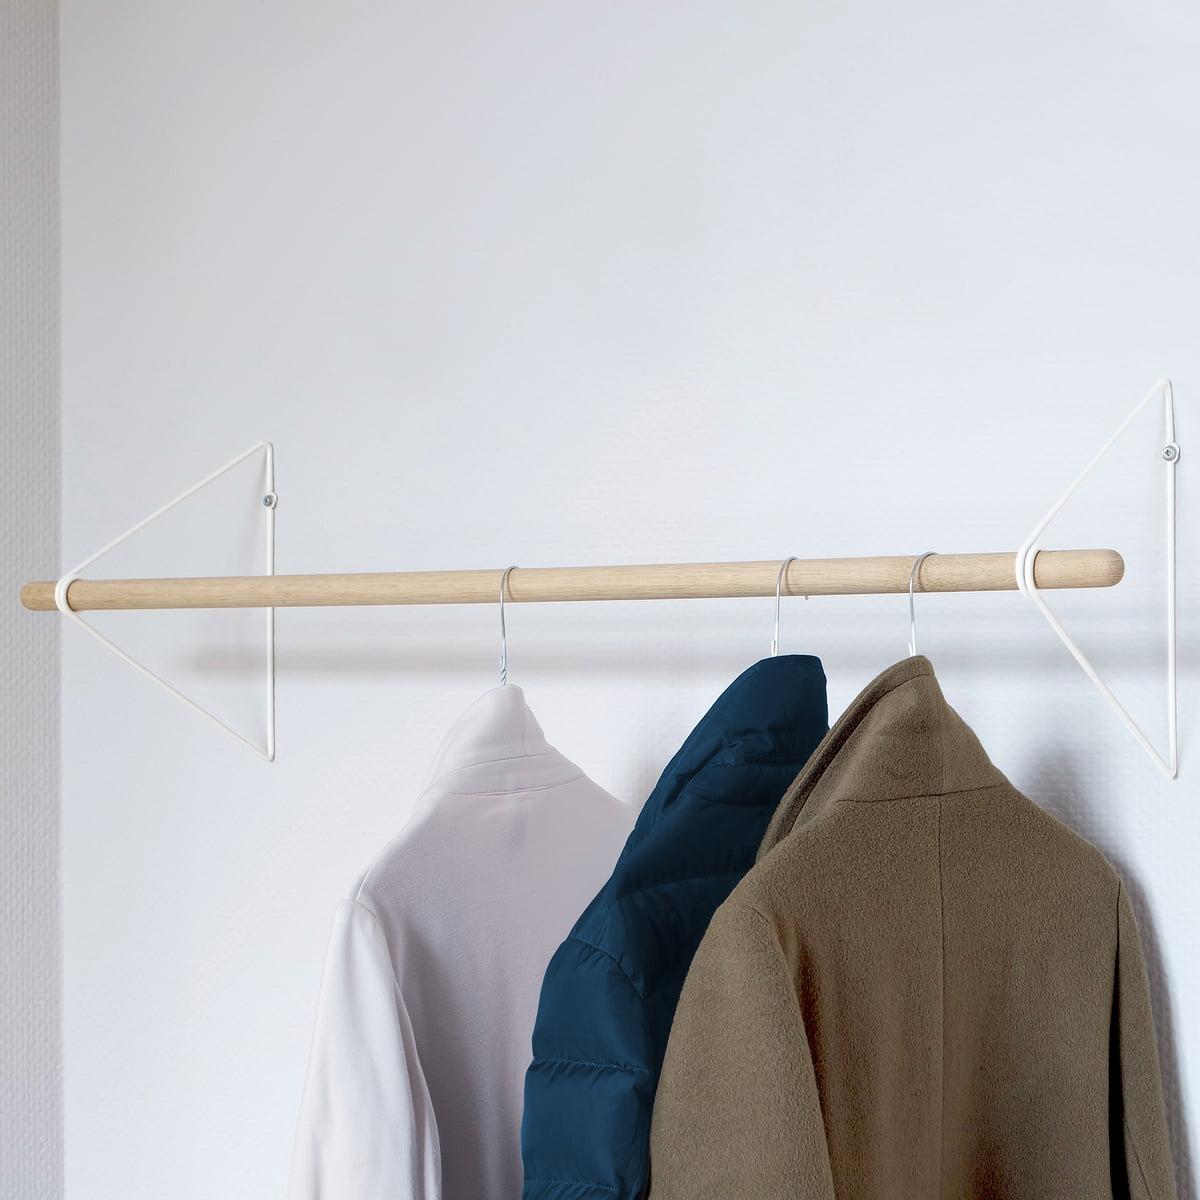 spring garderobe von vonbox im shop kaufen. Black Bedroom Furniture Sets. Home Design Ideas